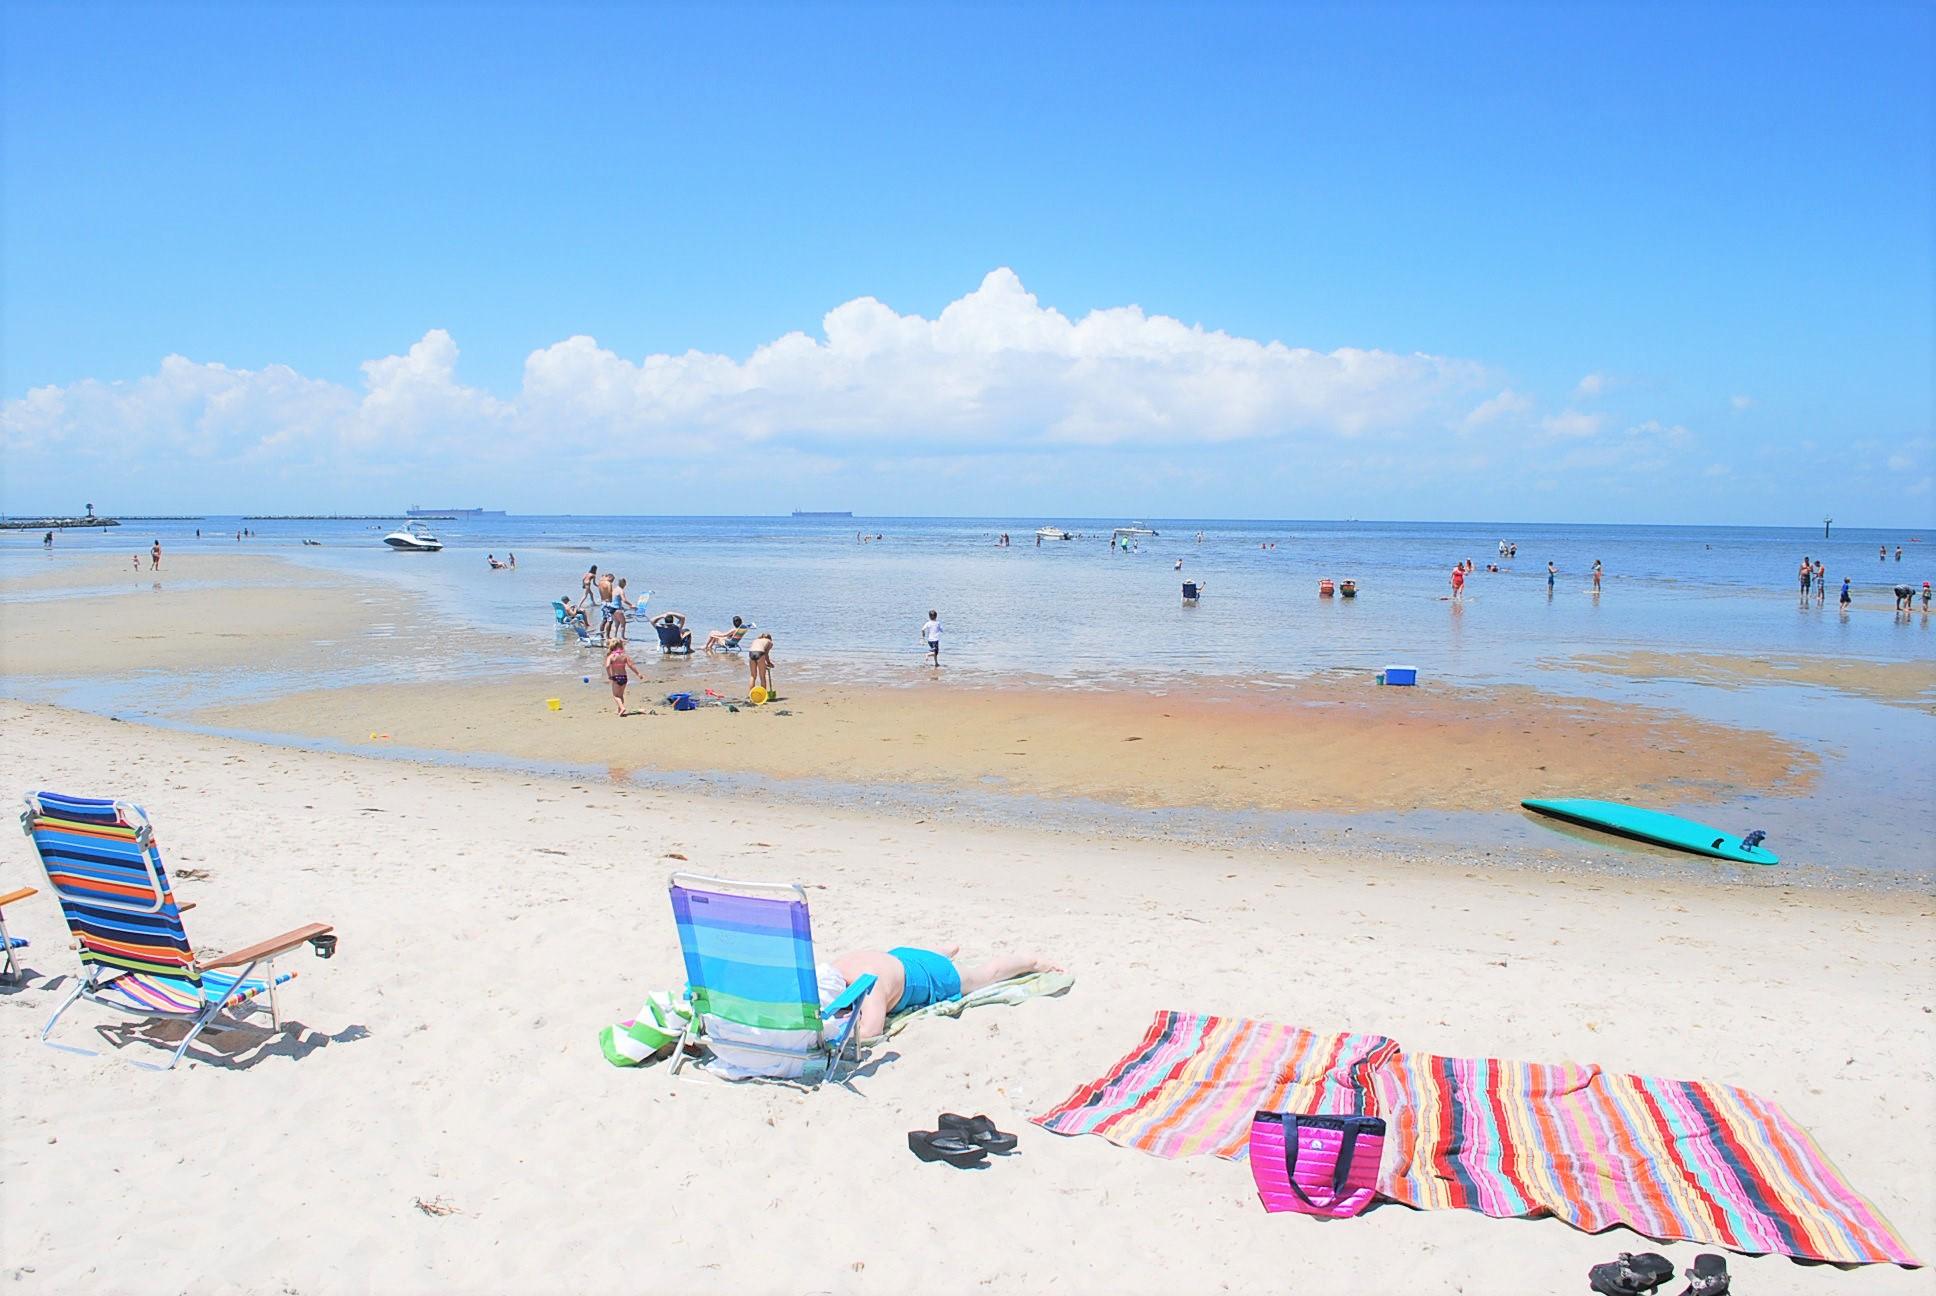 Cape Charles Town Beach